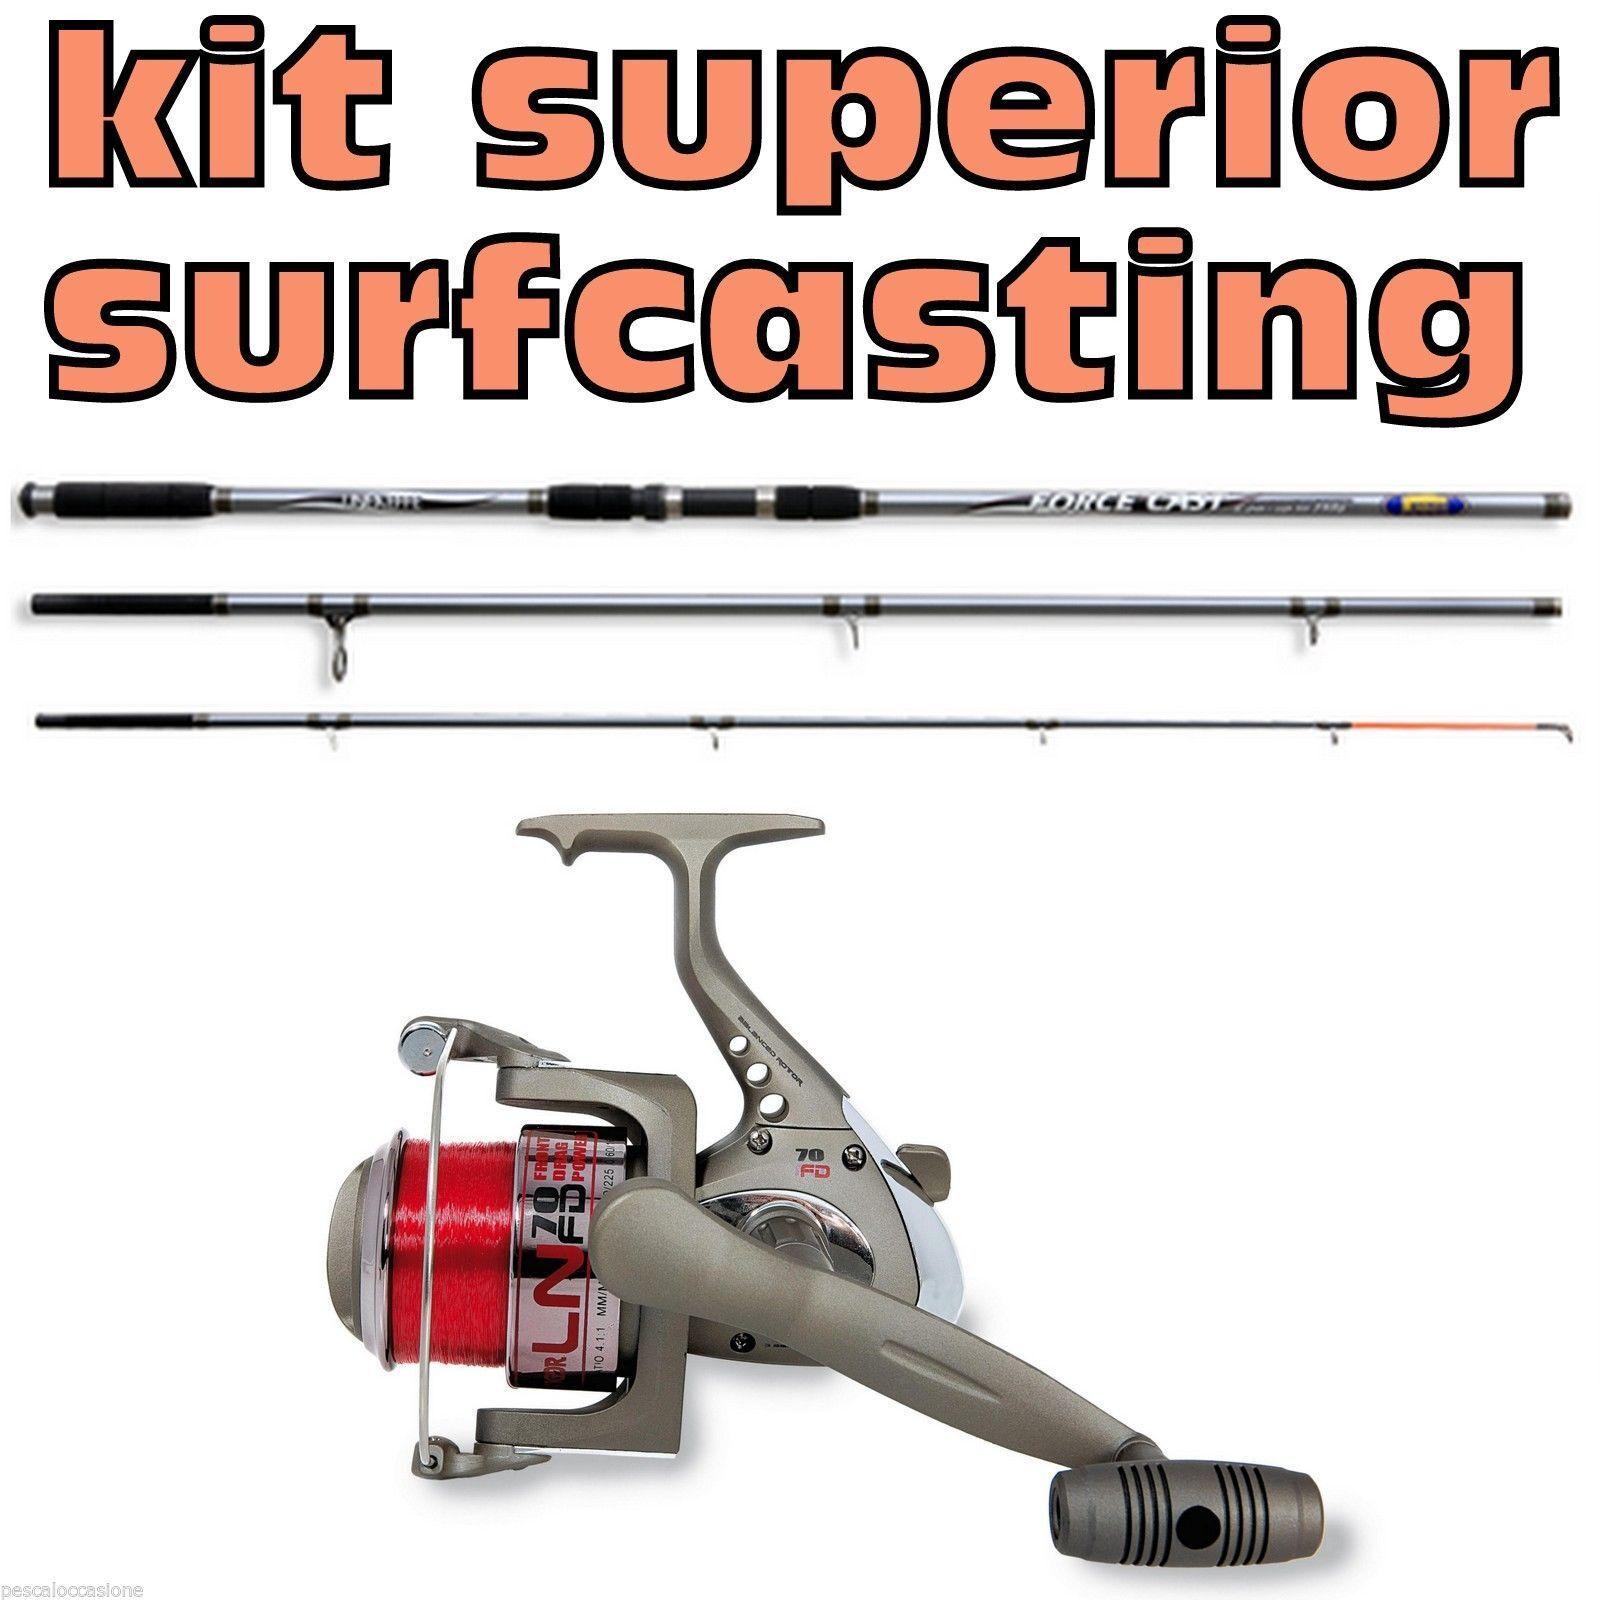 Canna e mulinello da surfcasting kit pesca in mare lancio lancio mare tecnico spiaggia orata 2e7f58